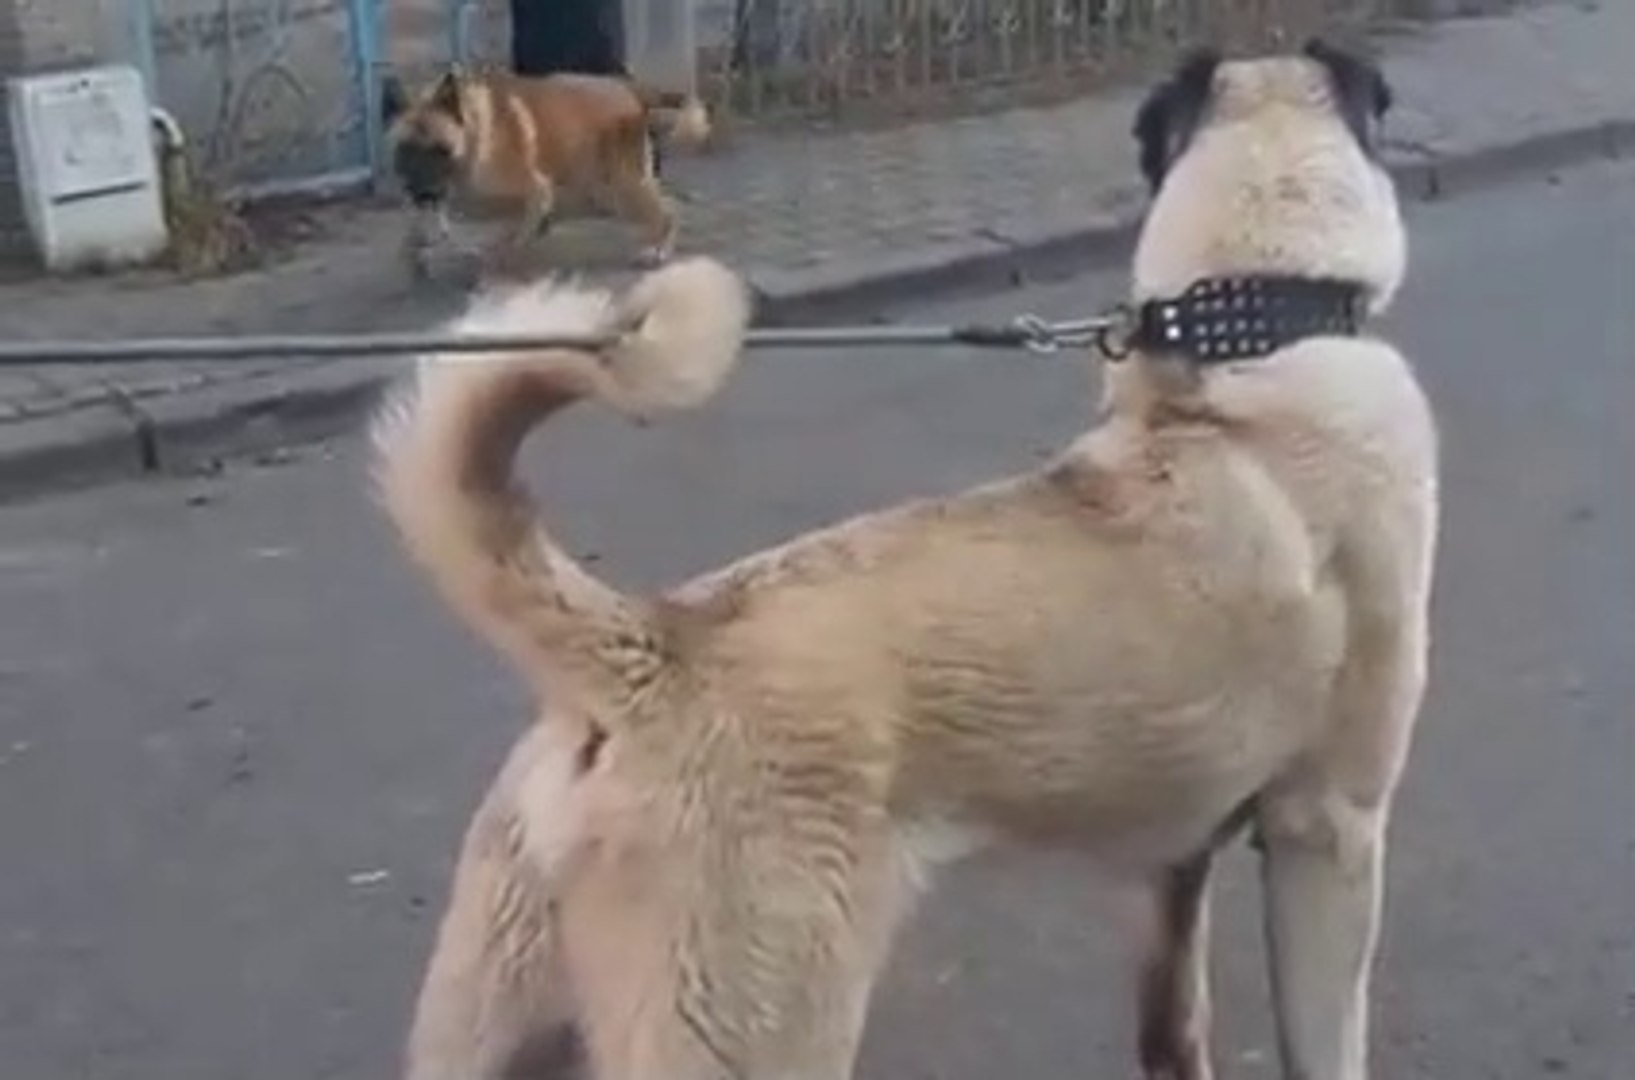 KANGAL ve COBAN KOPEGi ORTAYA KARISIK - KANGAL and SHEPHERD DOGS